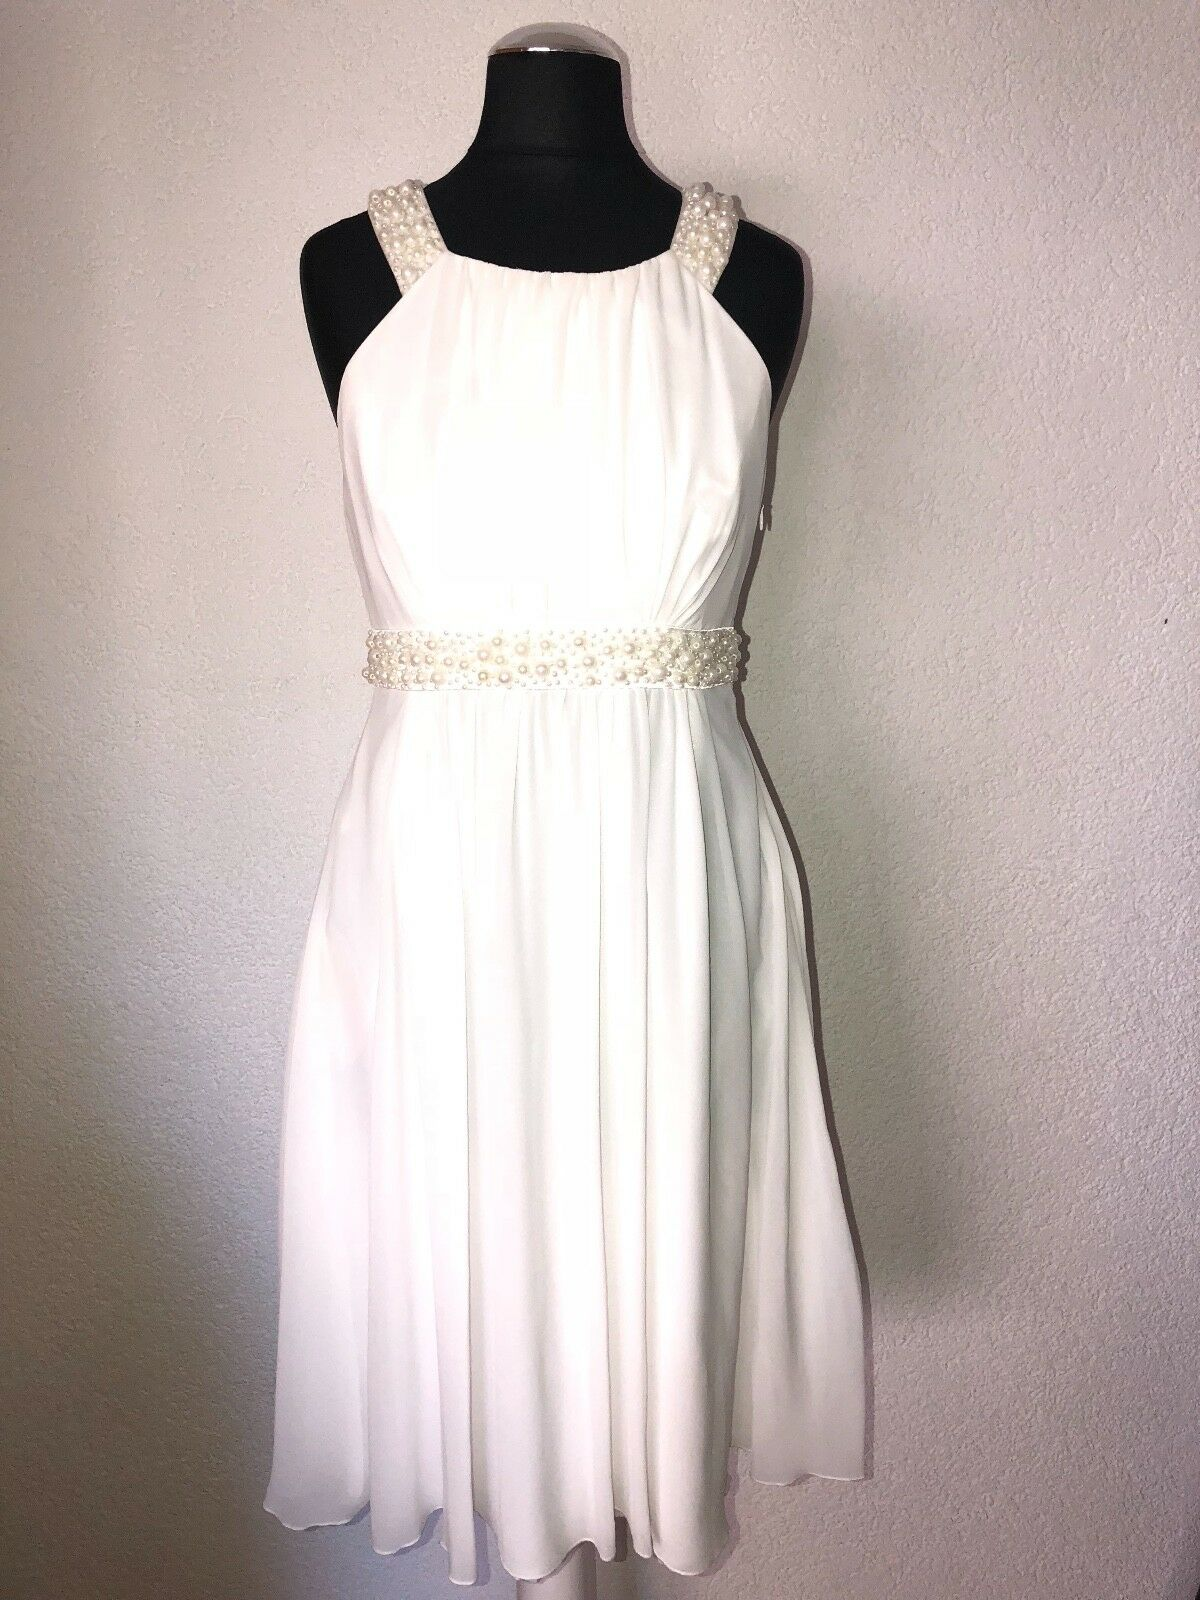 ❤️ APART ❤️ Ballkleid Abiball Kleid Cocktailkleid Abendkleid Perlen ❤️ Gr. 34 ❤️